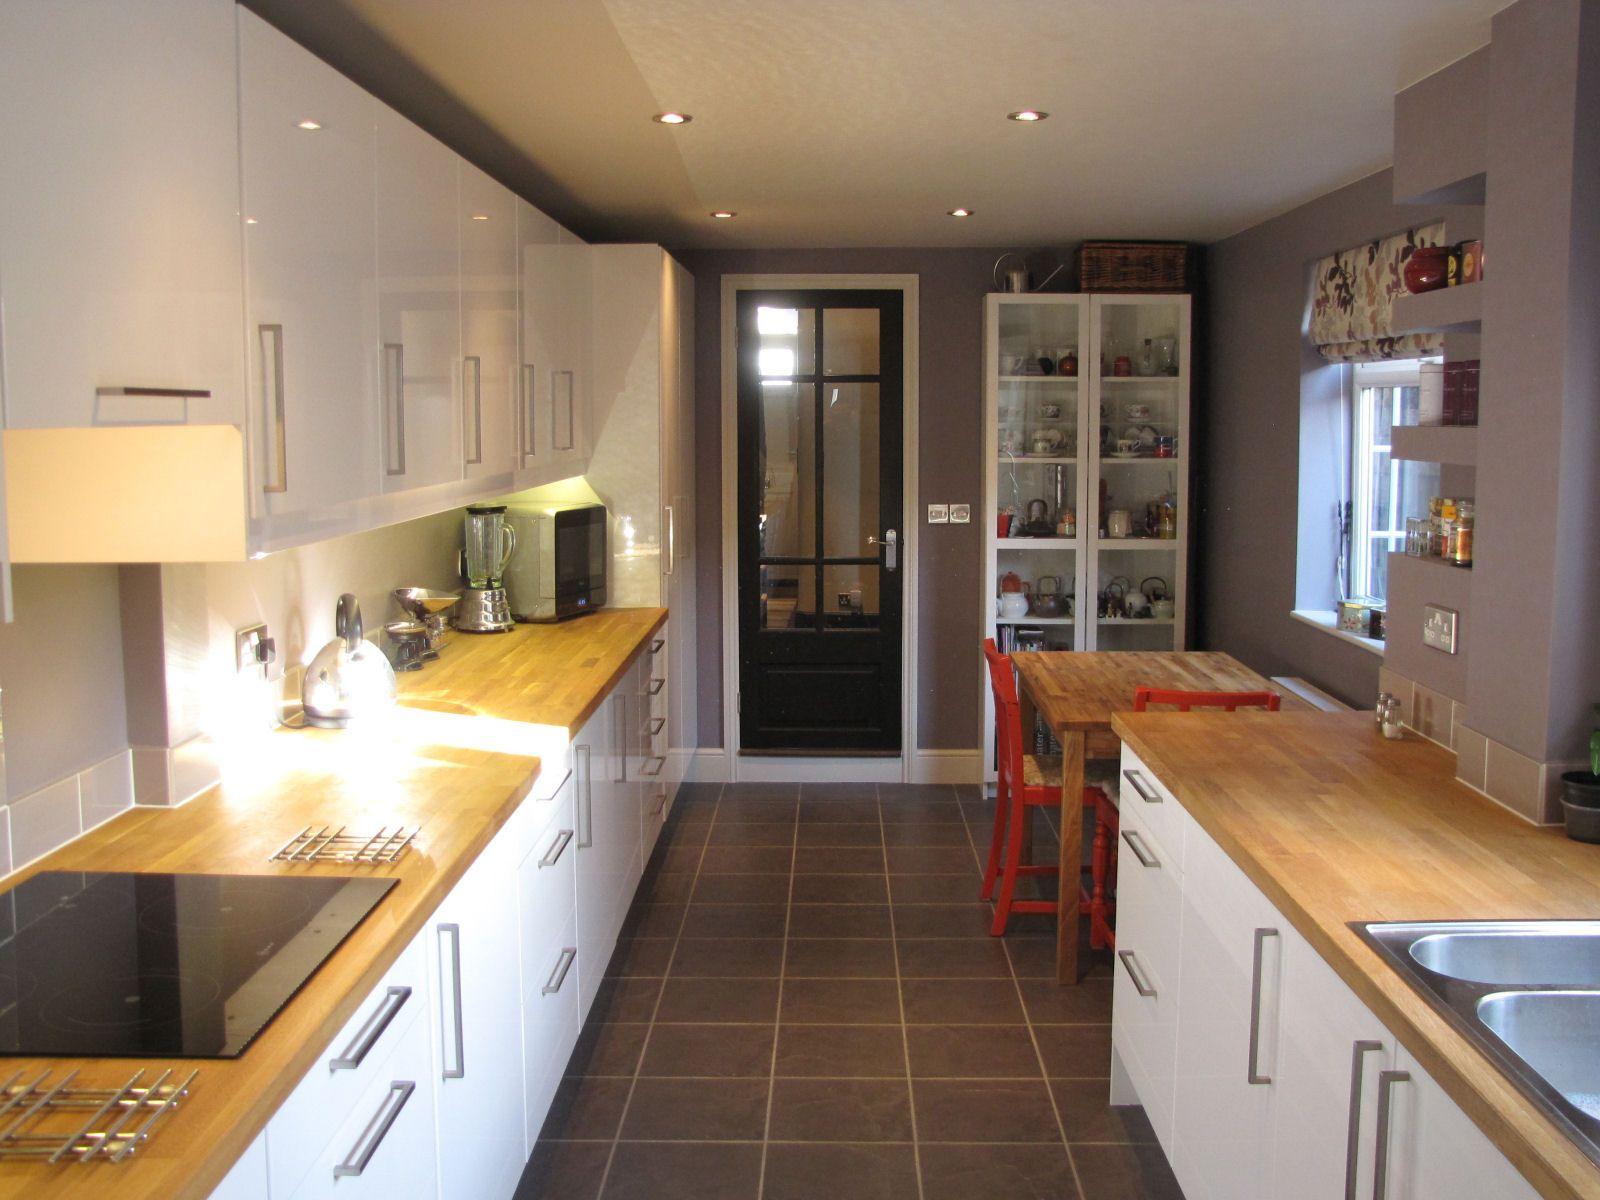 Pin By Jo Spencer On Kitchen Kitchen Ideas Victorian Terrace Kitchen Diner Designs House Design Kitchen